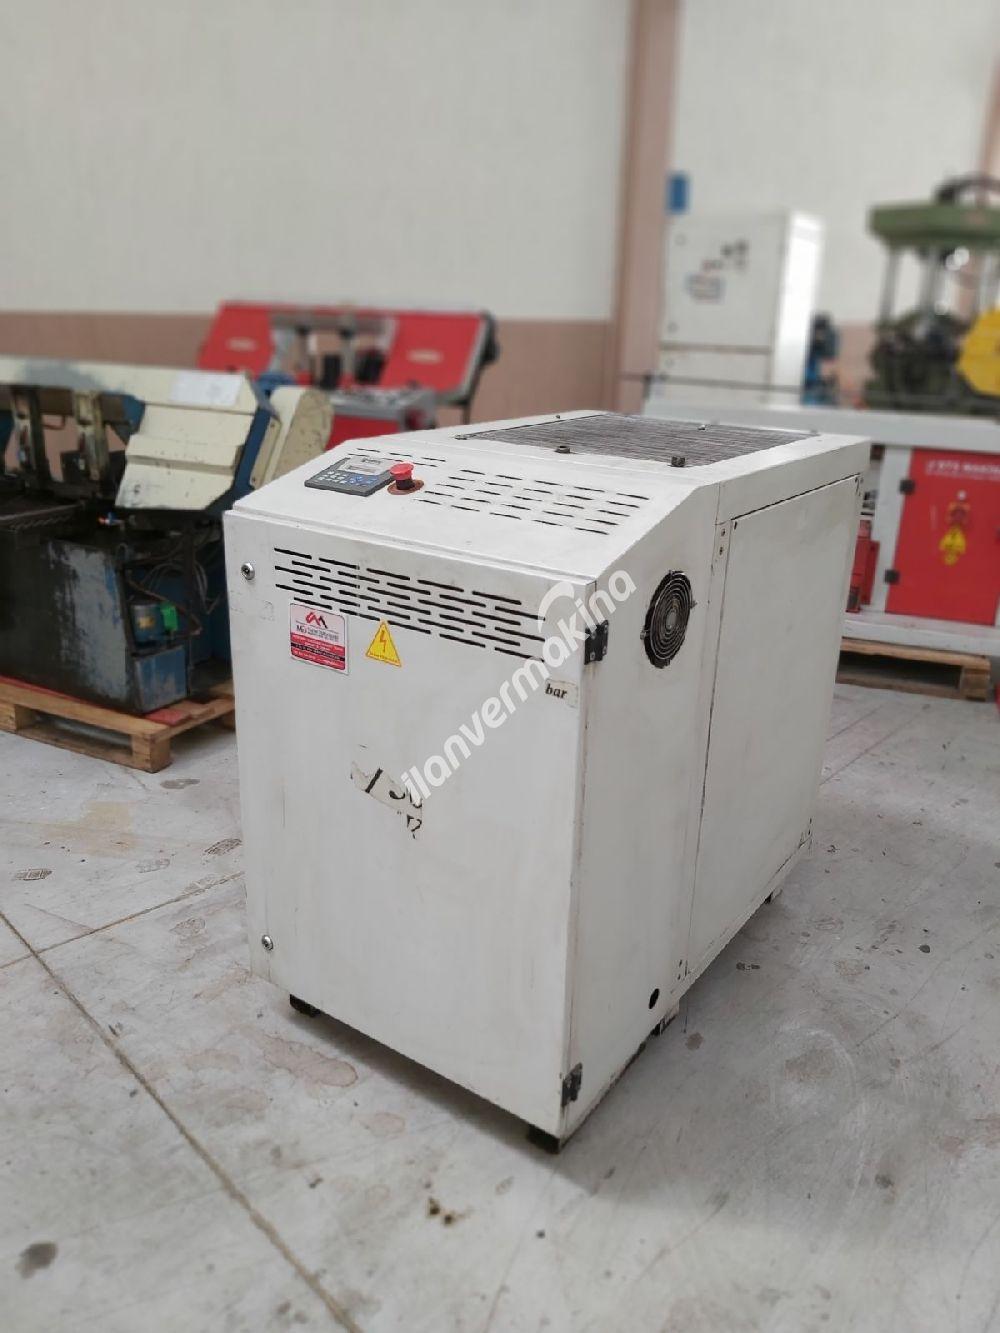 50 Hp 37 Kw 2012 Model Komsan Vidalı Kompresör